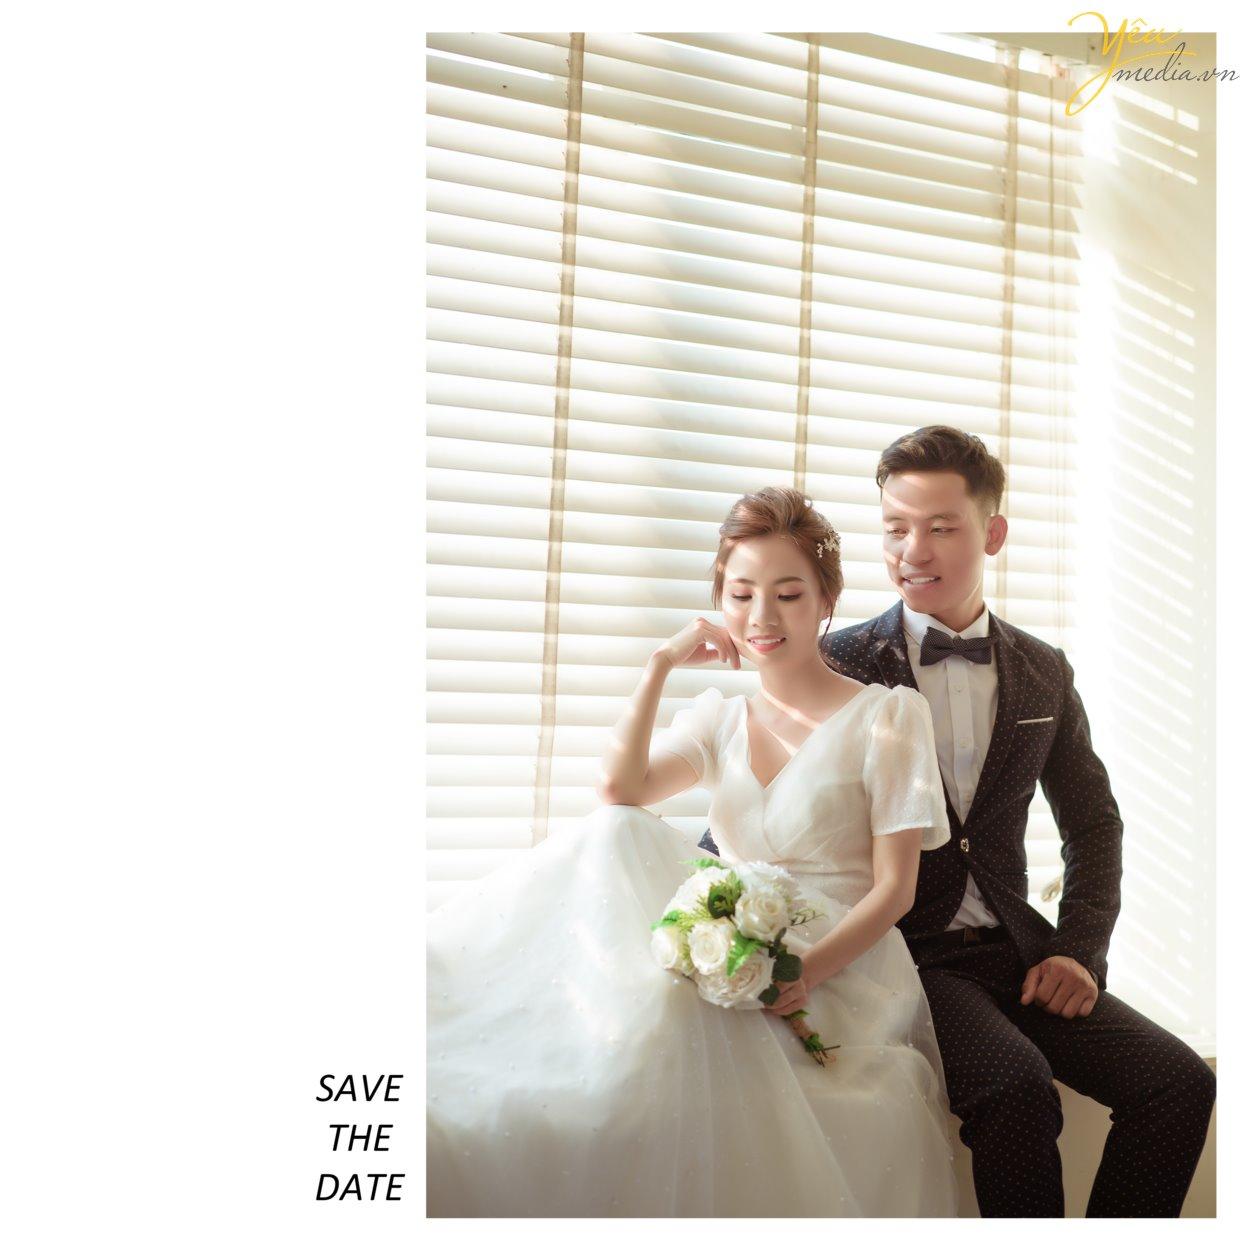 Phục sức, trang điểm hay địa điểm chụp ảnh cưới quả thật quan trọng, không chỉ khi chụp ảnh cưới phong cách Hàn Quốc mà trong chụp hình cưới nói chung. Thế nhưng, điều quan trọng nhất để tạo nên cái chất lãng mạn xứ kim chi trong bộ ảnh chính là concept chụp.  Bộ album cưới đẹp là khi người xem cảm thấy phảng phất nét Hàn Quốc và vẫn giữ được vẻ đẹp tự nhiên của cô dâu chú rể. Và concept, hay ý tưởng, nội dung của bộ ảnh chính là yếu tố quyết định cảm giác này.